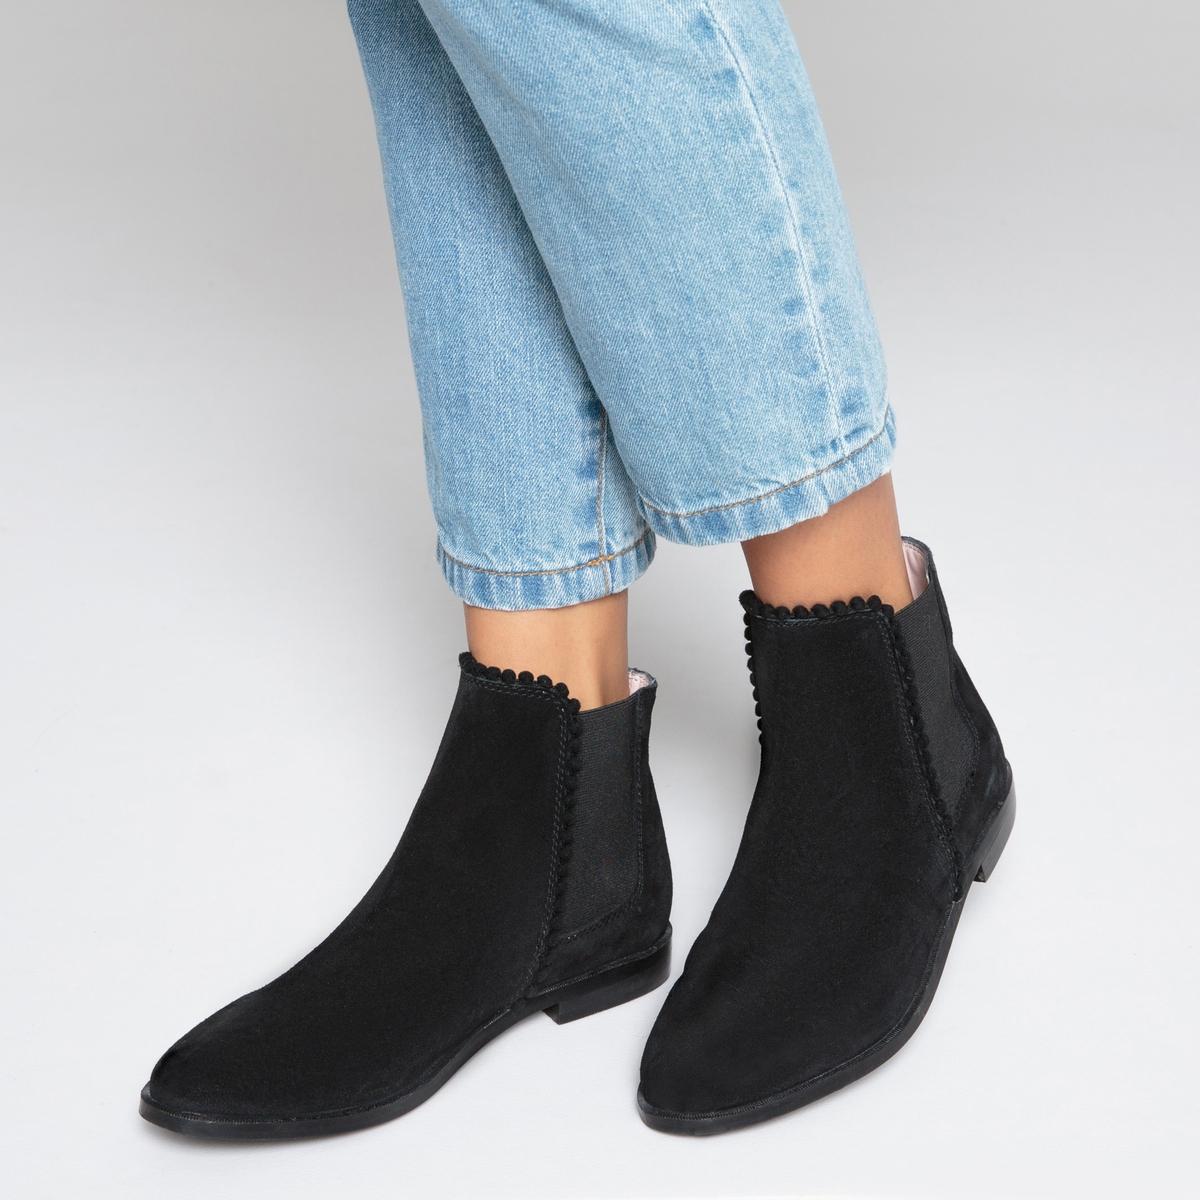 Ботинки-челси кожаные с помпонами купить футбольную форму челси торрес